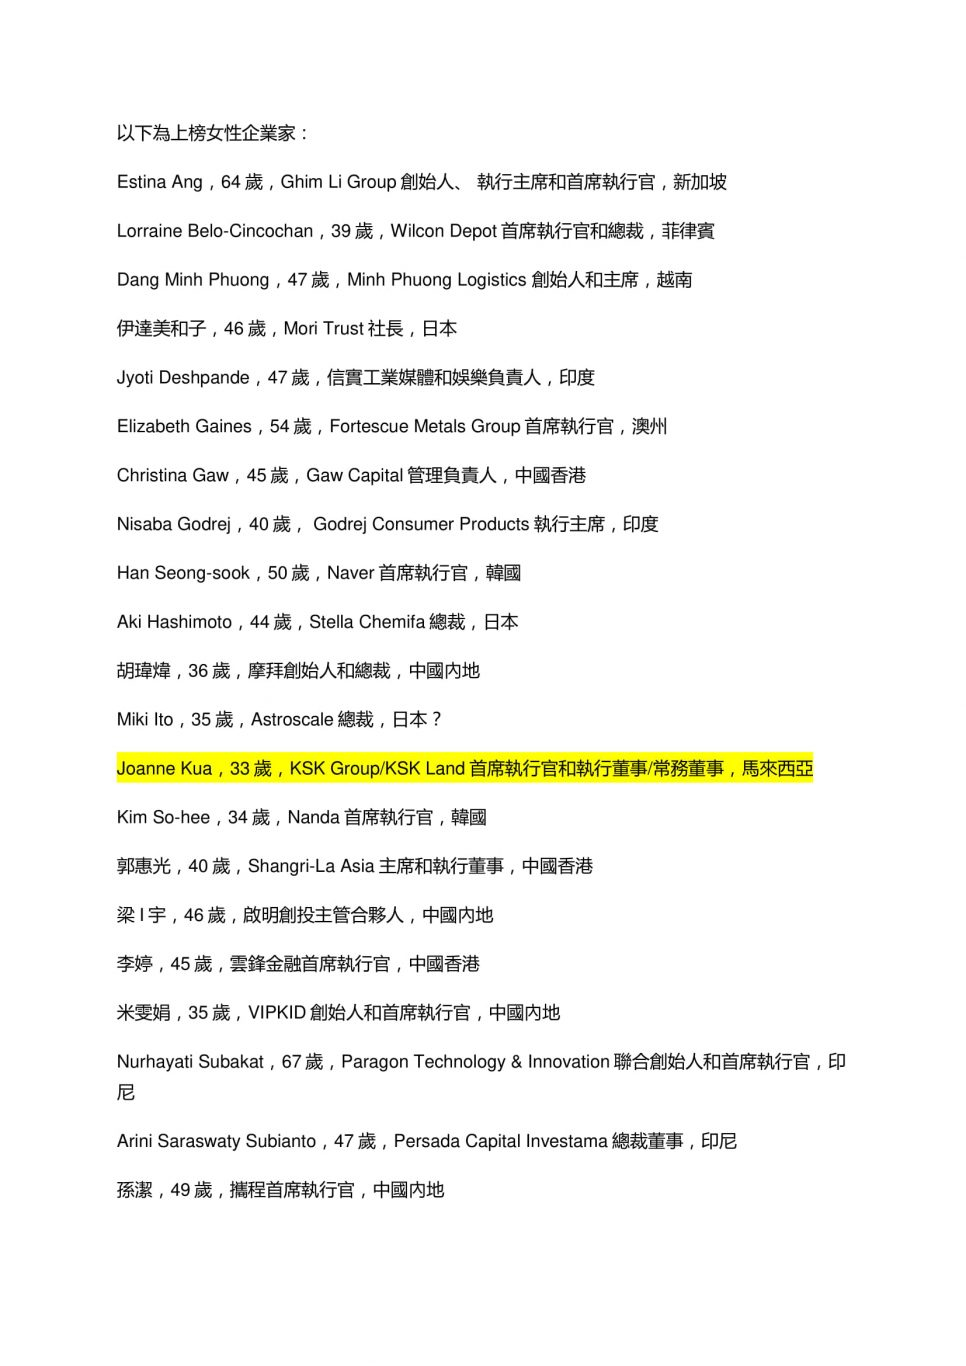 sina.com.hk